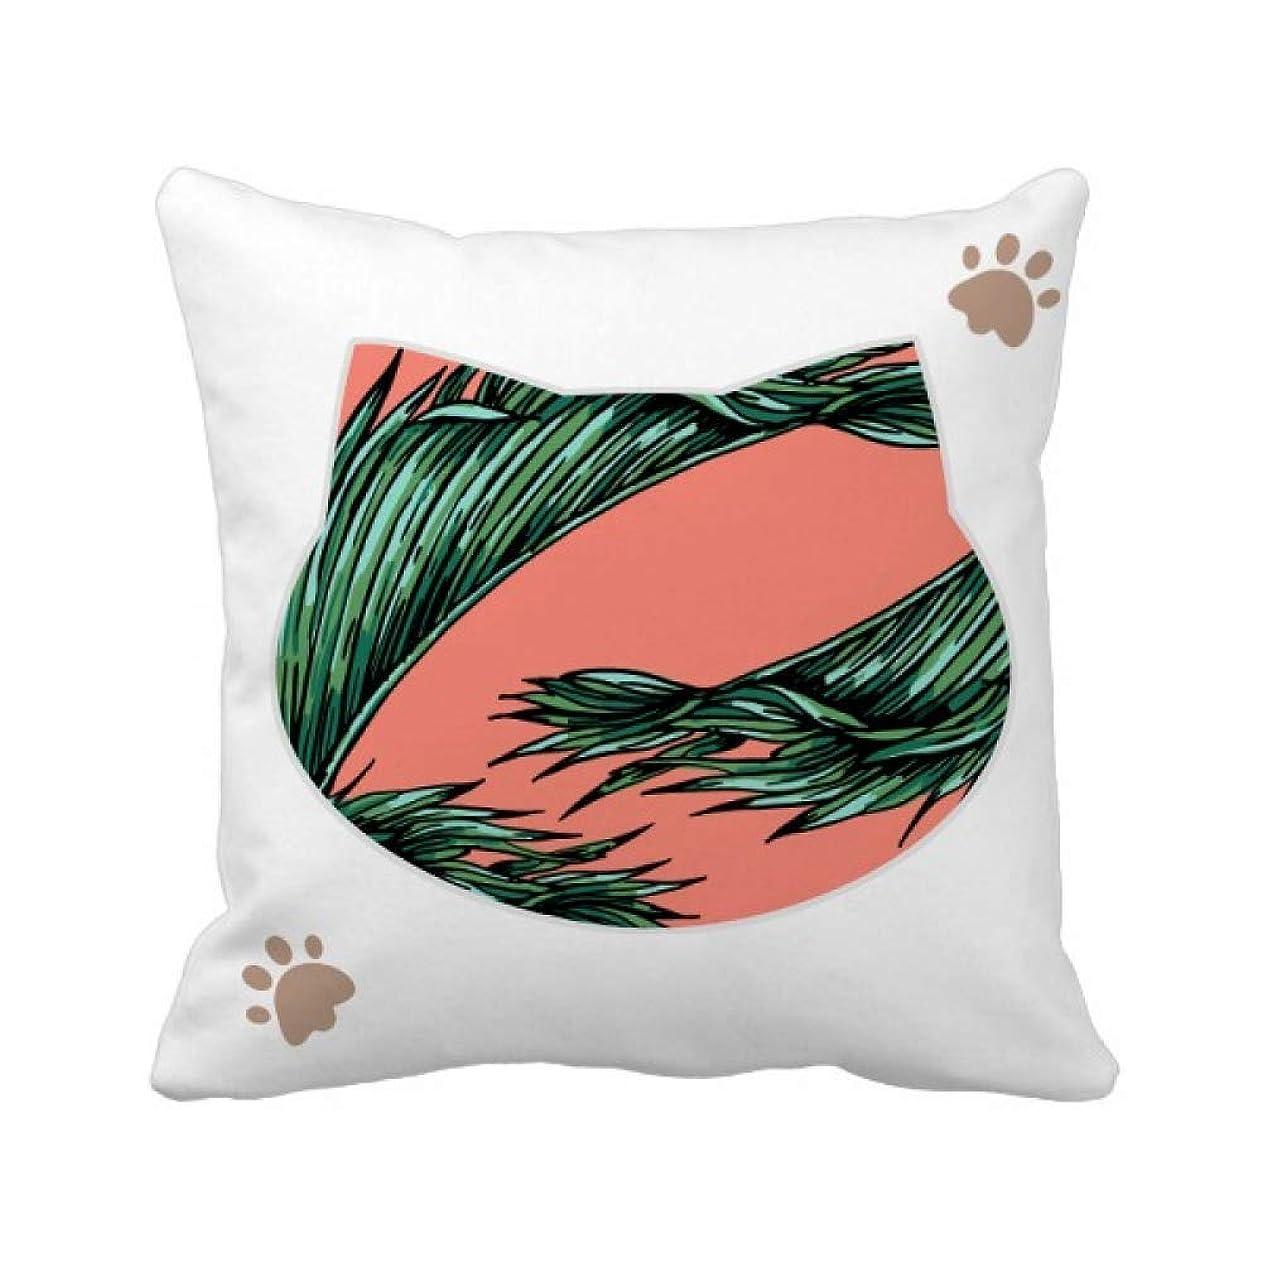 ピストル書店食べる花の植物の葉のピンクの空の幸せ 枕カバーを放り投げる猫広場 50cm x 50cm